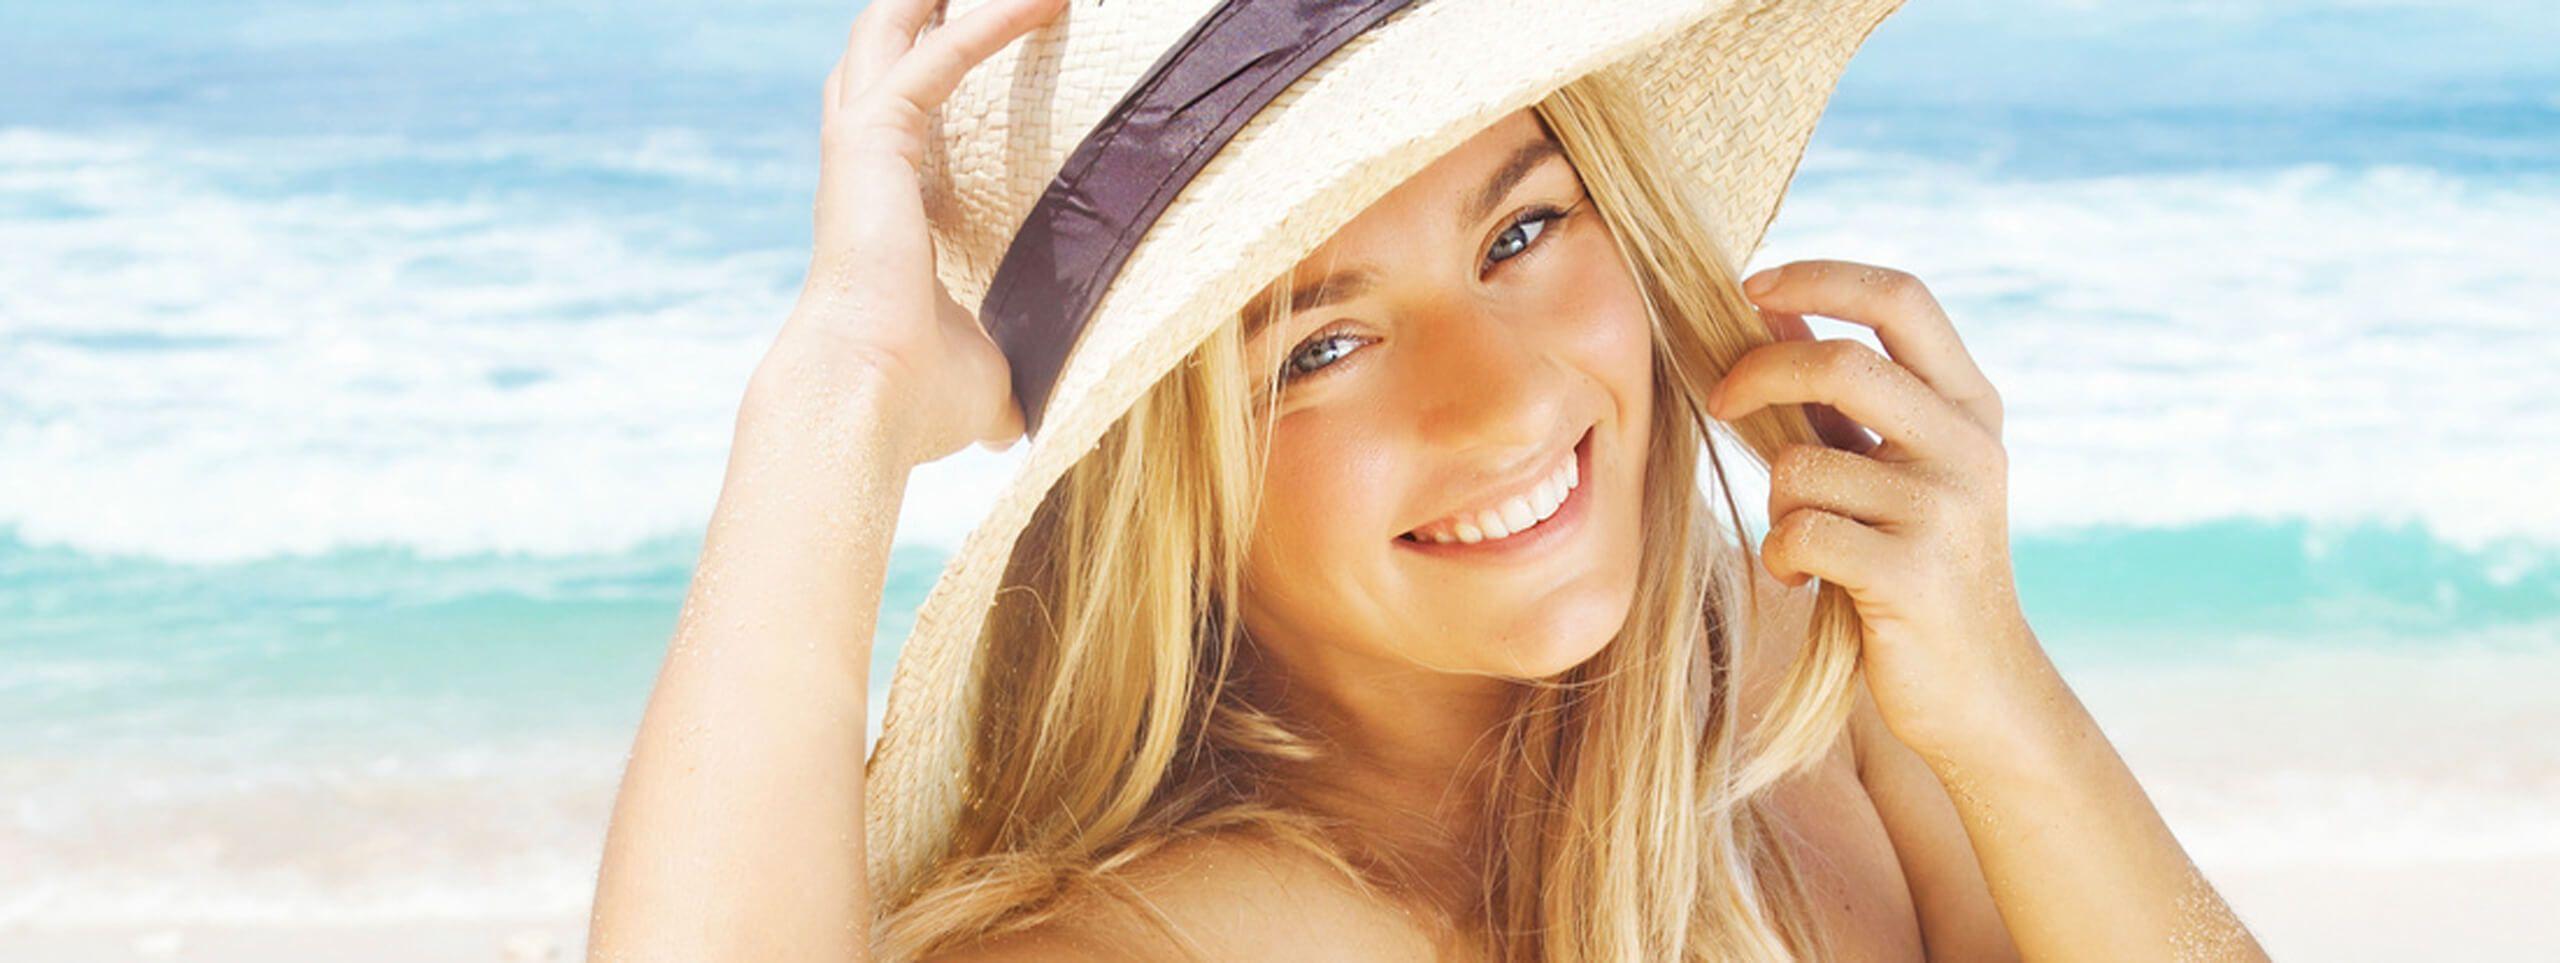 Femme blonde avec un chapeau sur la plage